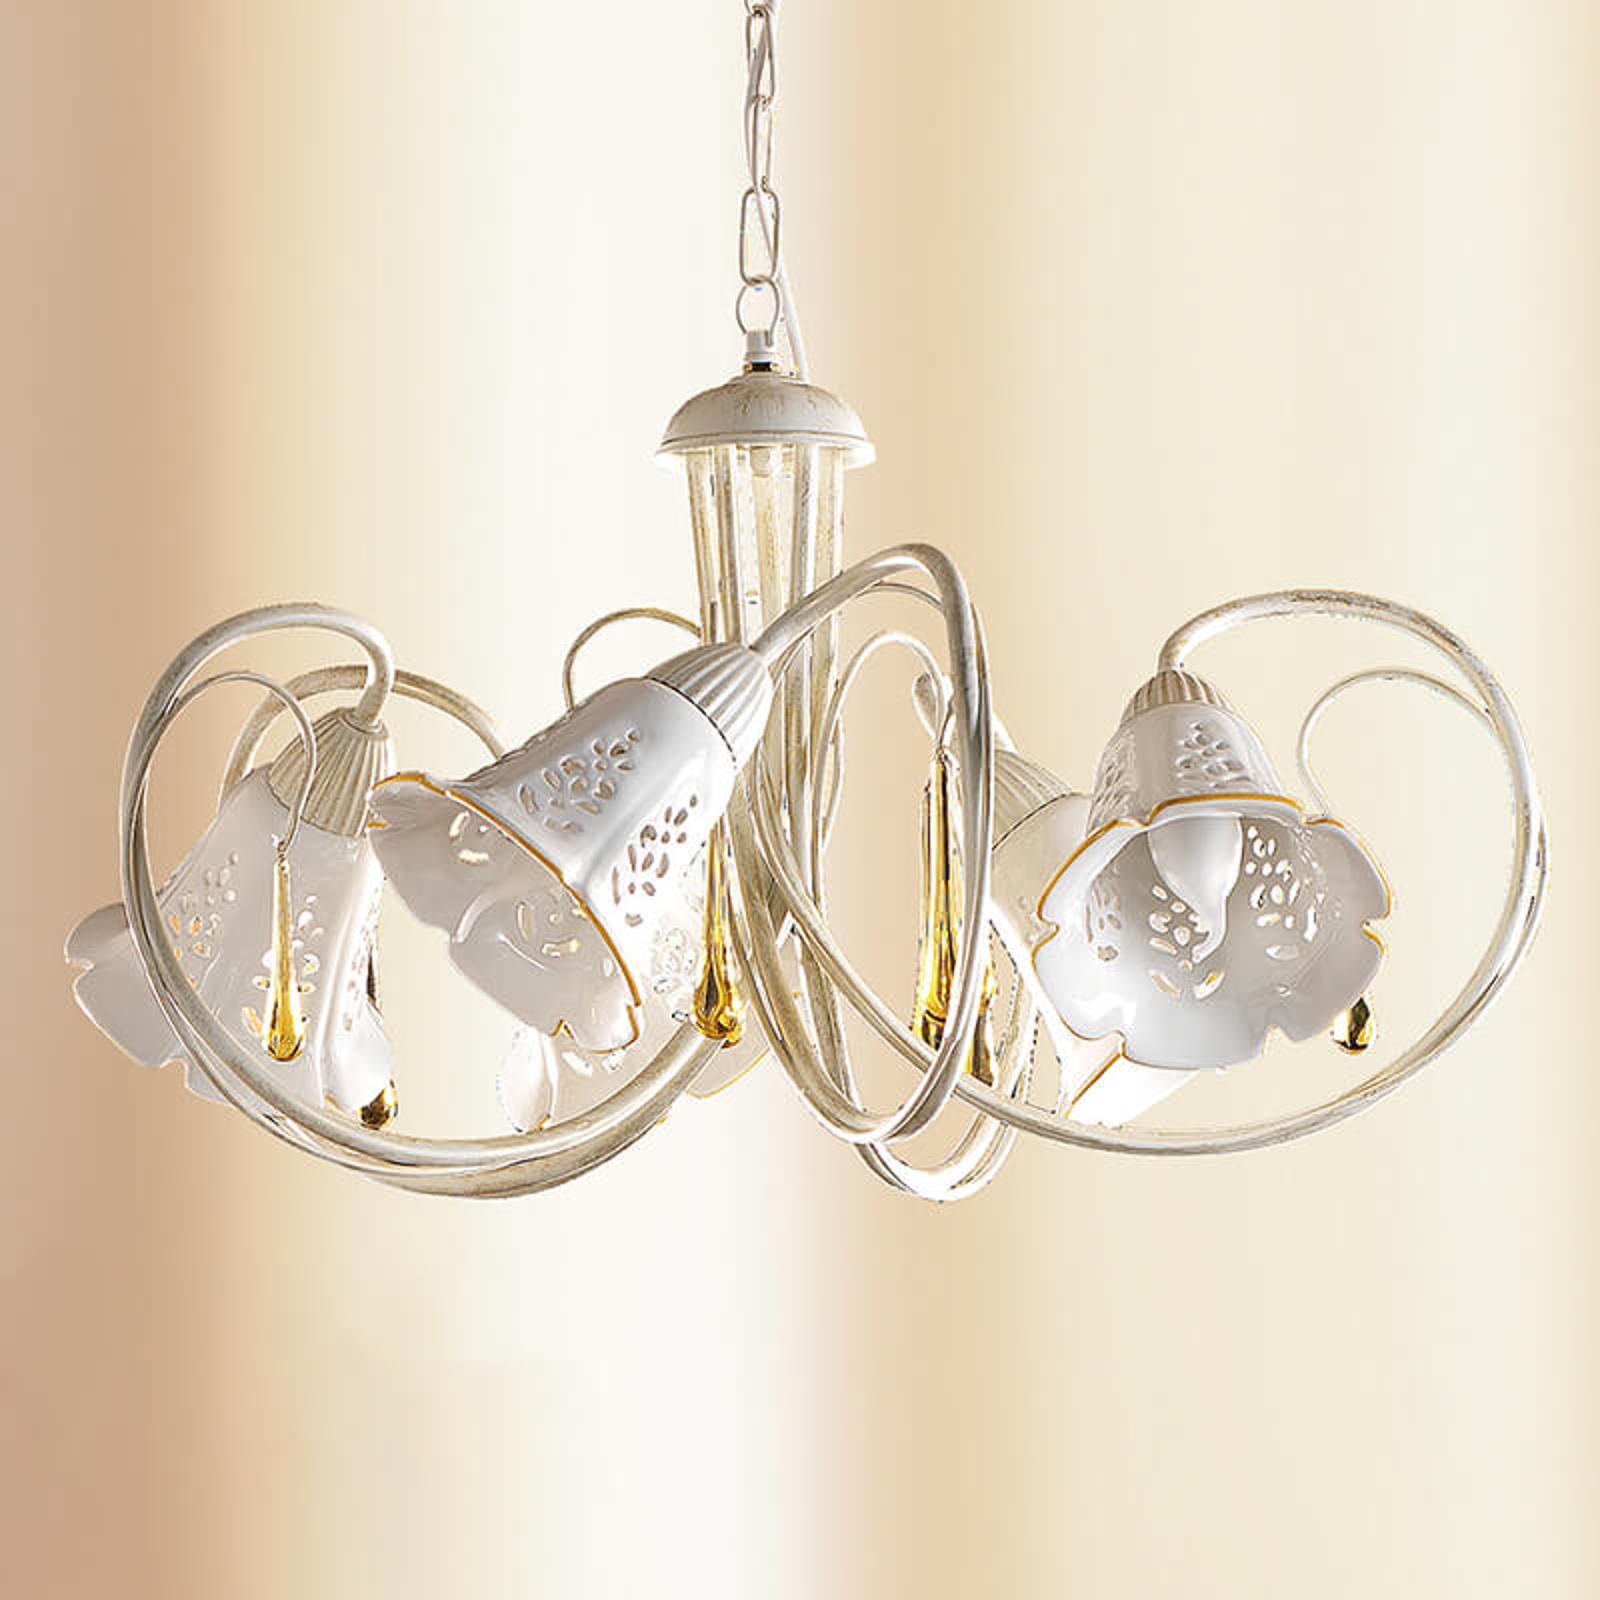 Gocce - zwaaiende keramiek-hanglamp